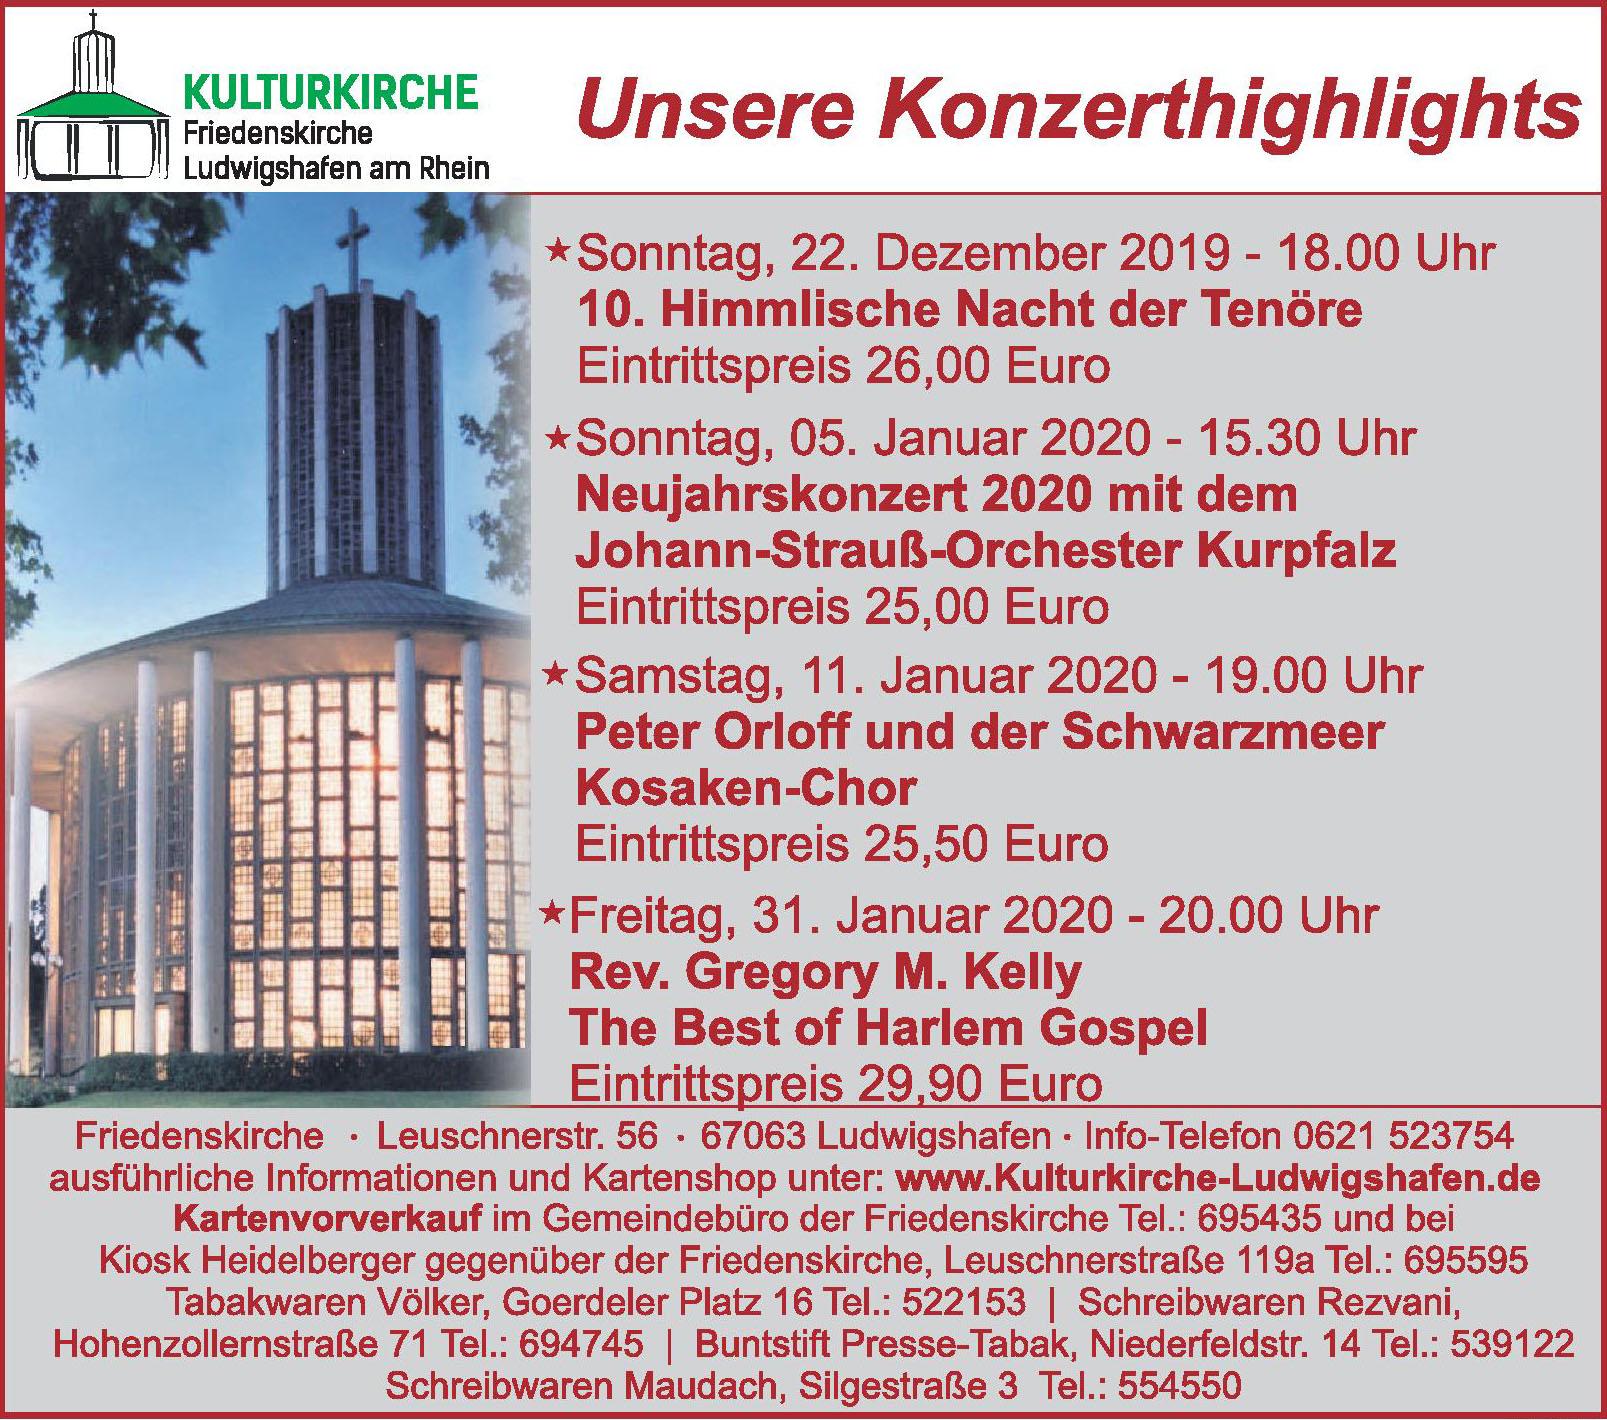 Kulturkirche Friedenskirche